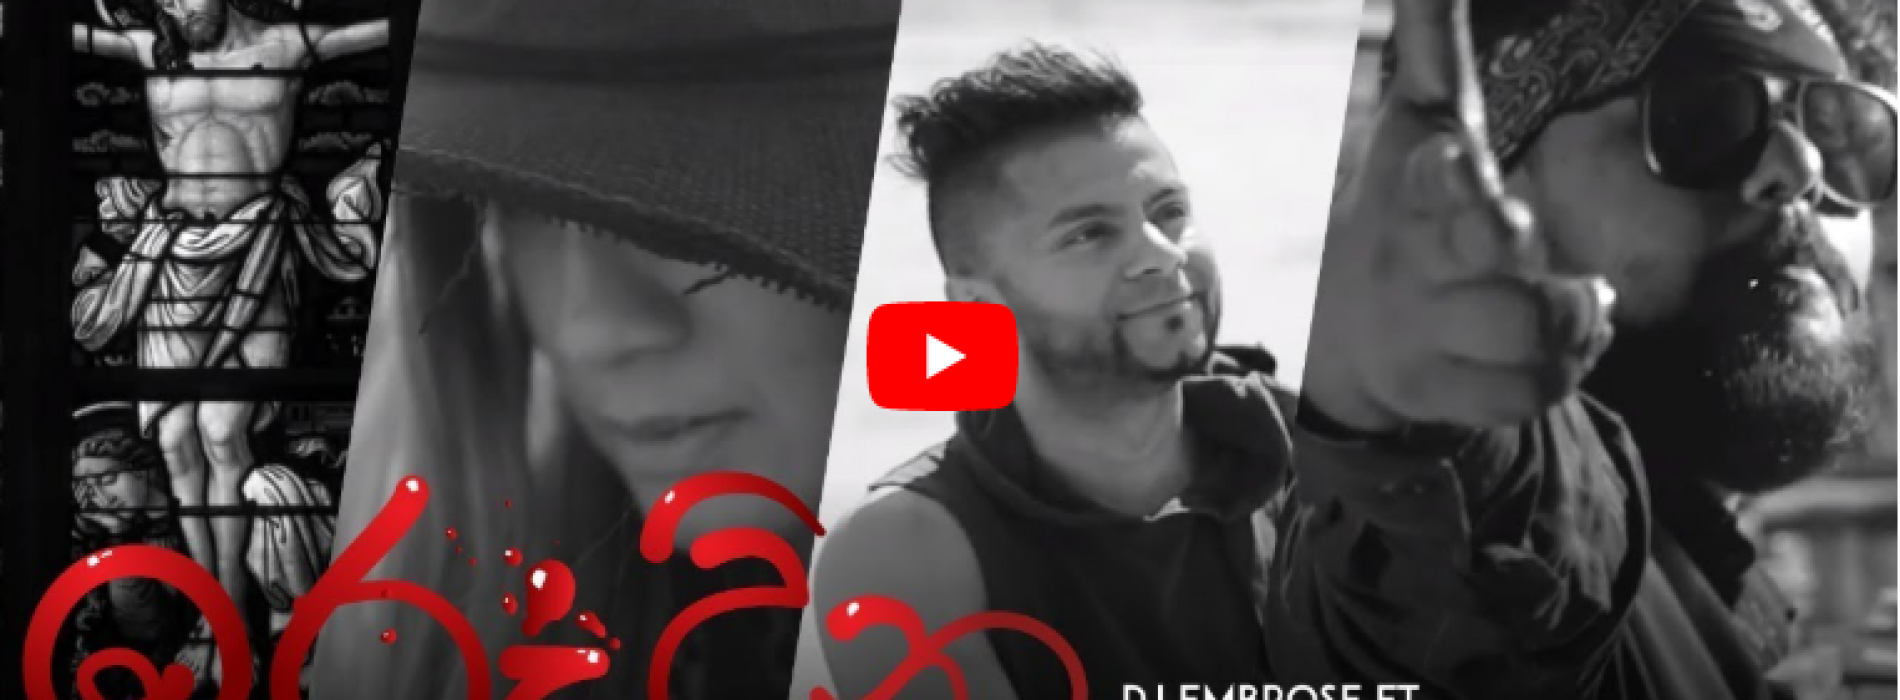 IRU DINA (ඉරුදින) – Dj Embrose ft SUNJ Bandara & Kaizer Kaiz